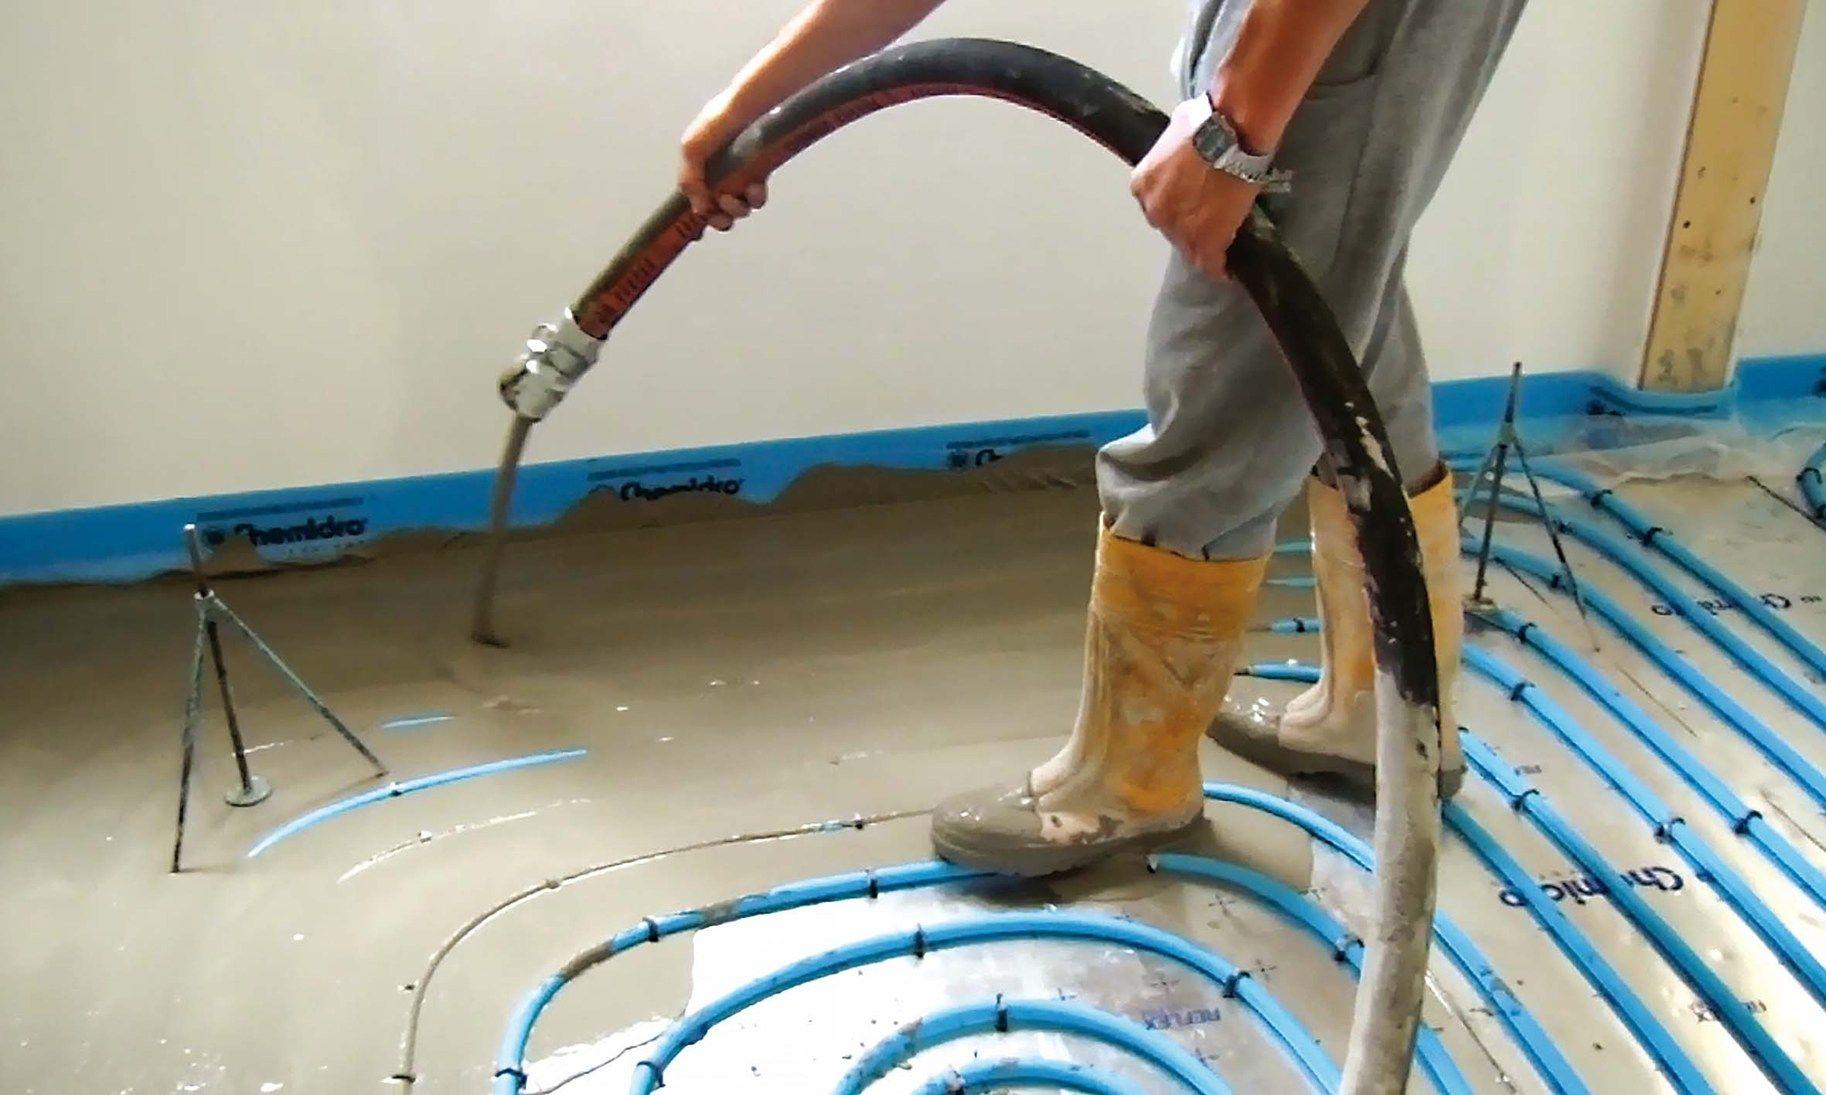 Ristrutturazione Riscaldamento A Pavimento la nuova soluzione laterlite per i sistemi di riscaldamento